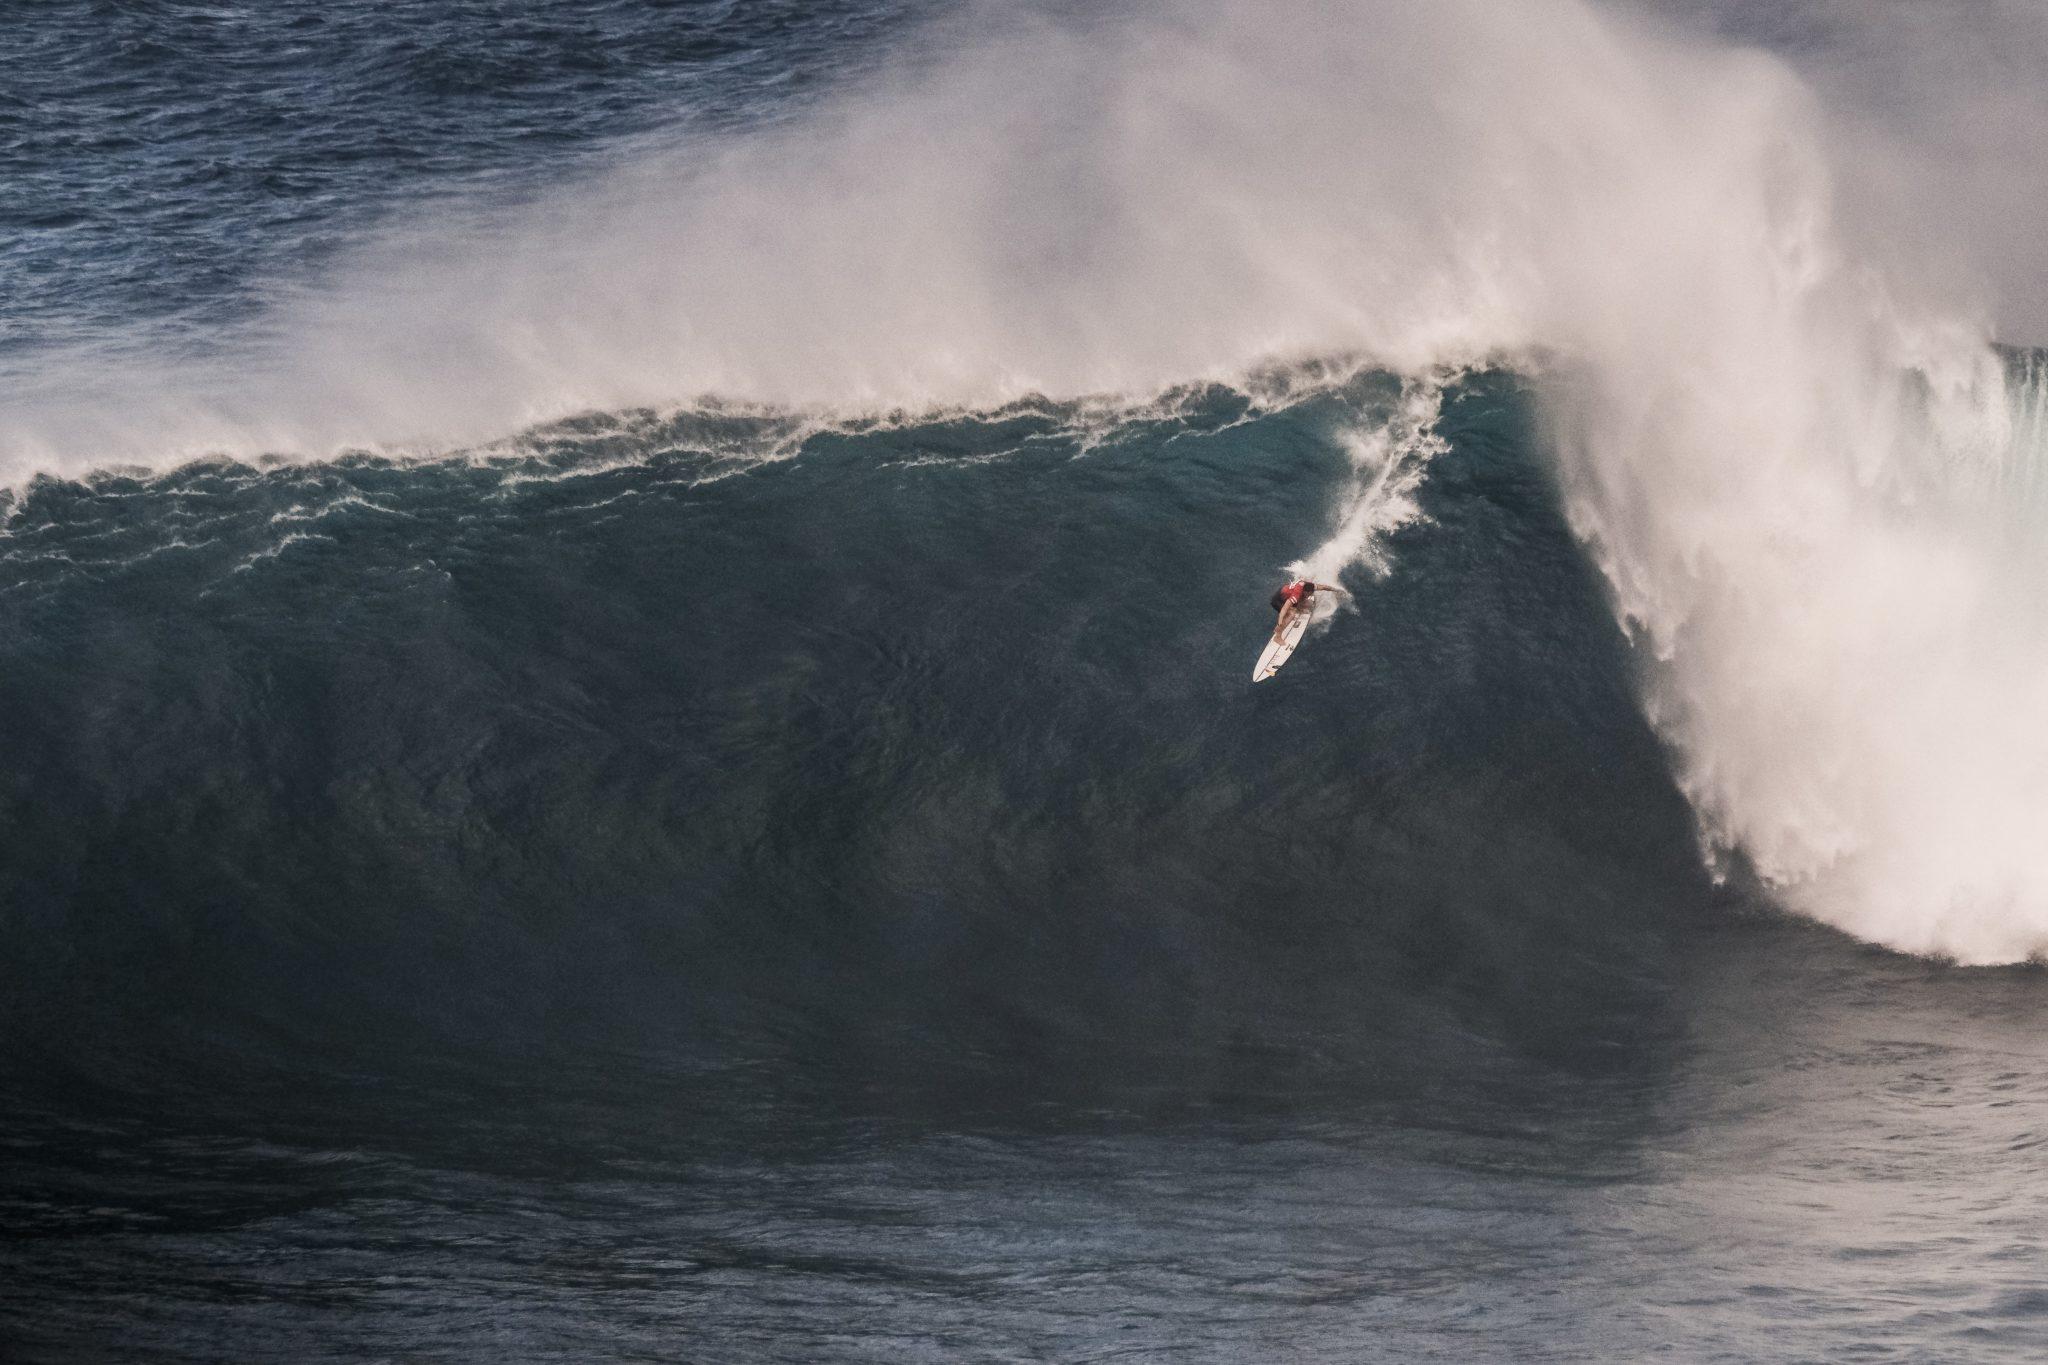 Lucas Chianca-RJ (Keoki Saguibo / WSL via Getty Images)